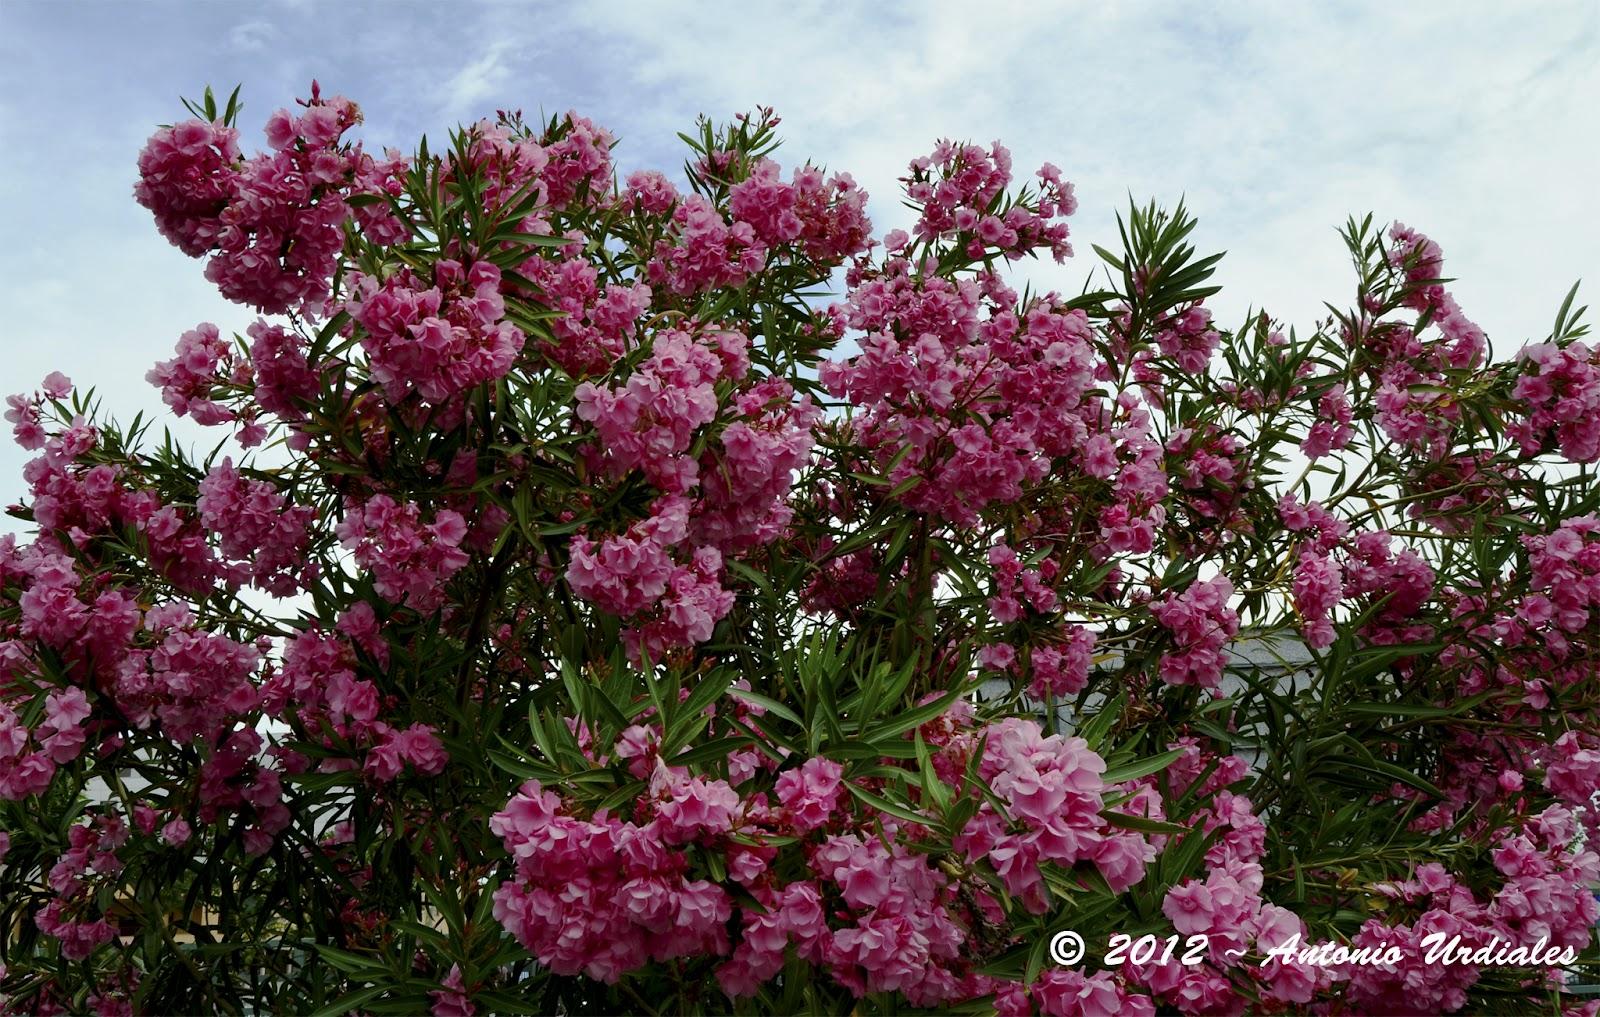 El iris de mi objetivo primavera rboles y flores - Rododendro arbol ...